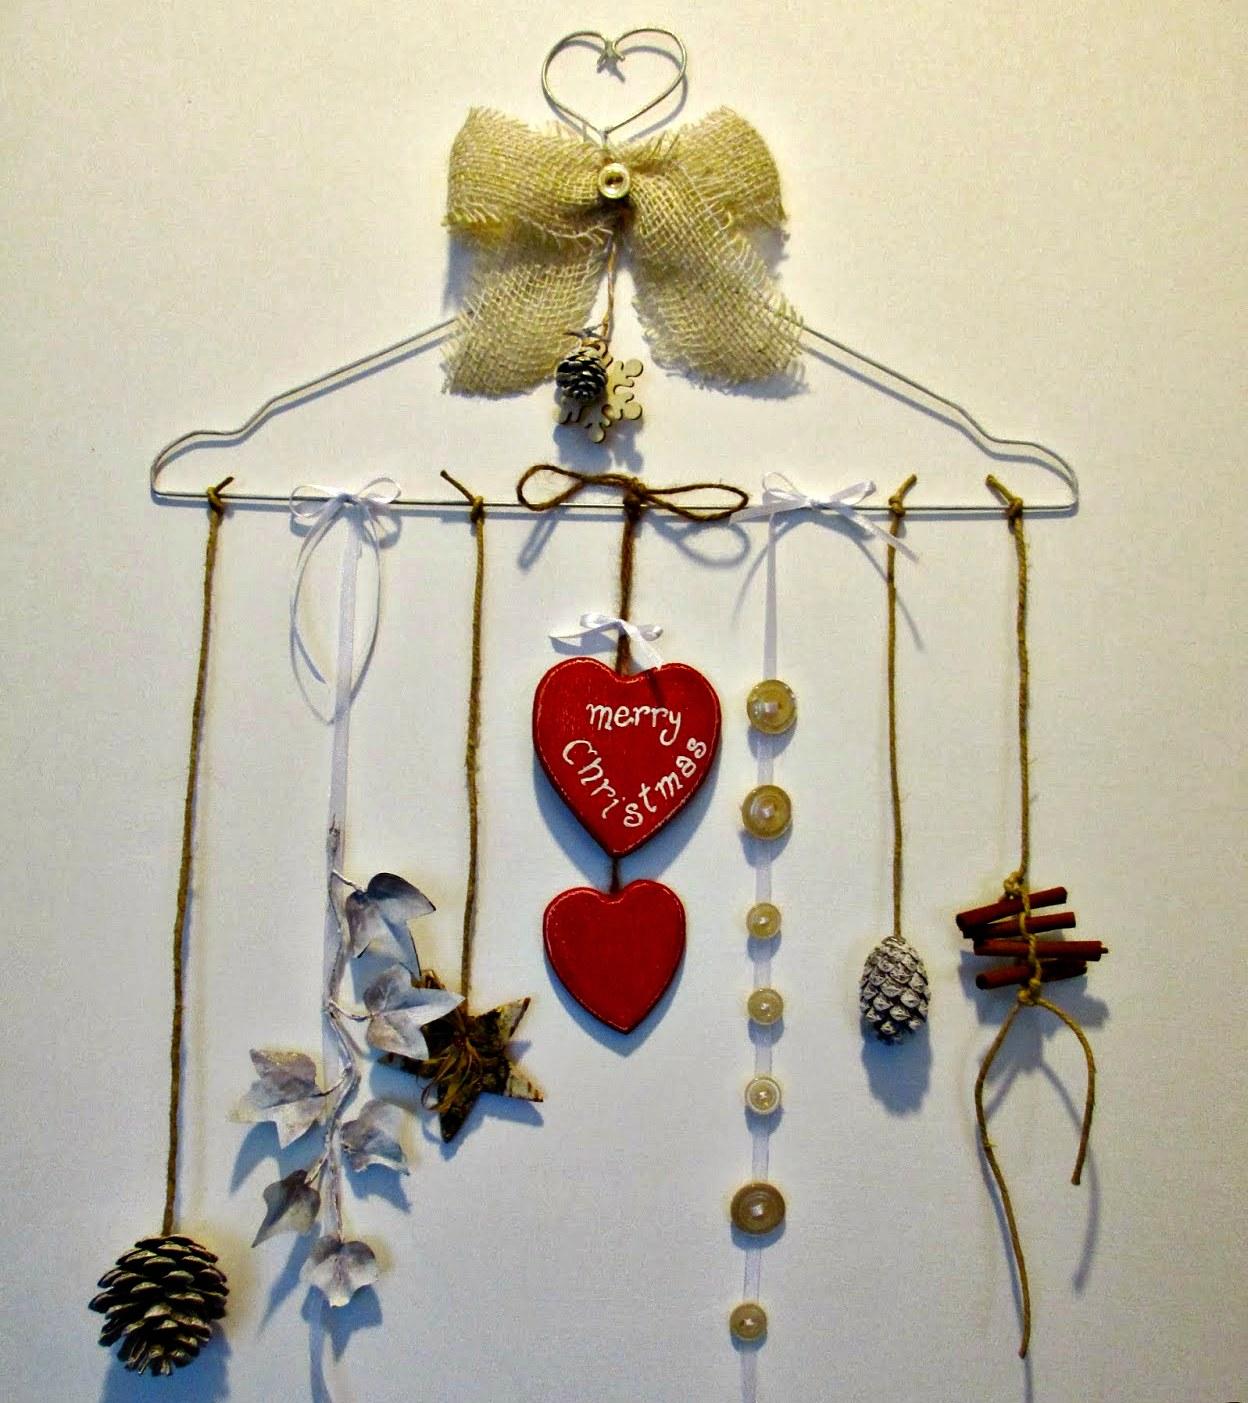 Ghirlanda natalizia realizzata con una gruccia di ferro - Lavori per la casa fai da te ...